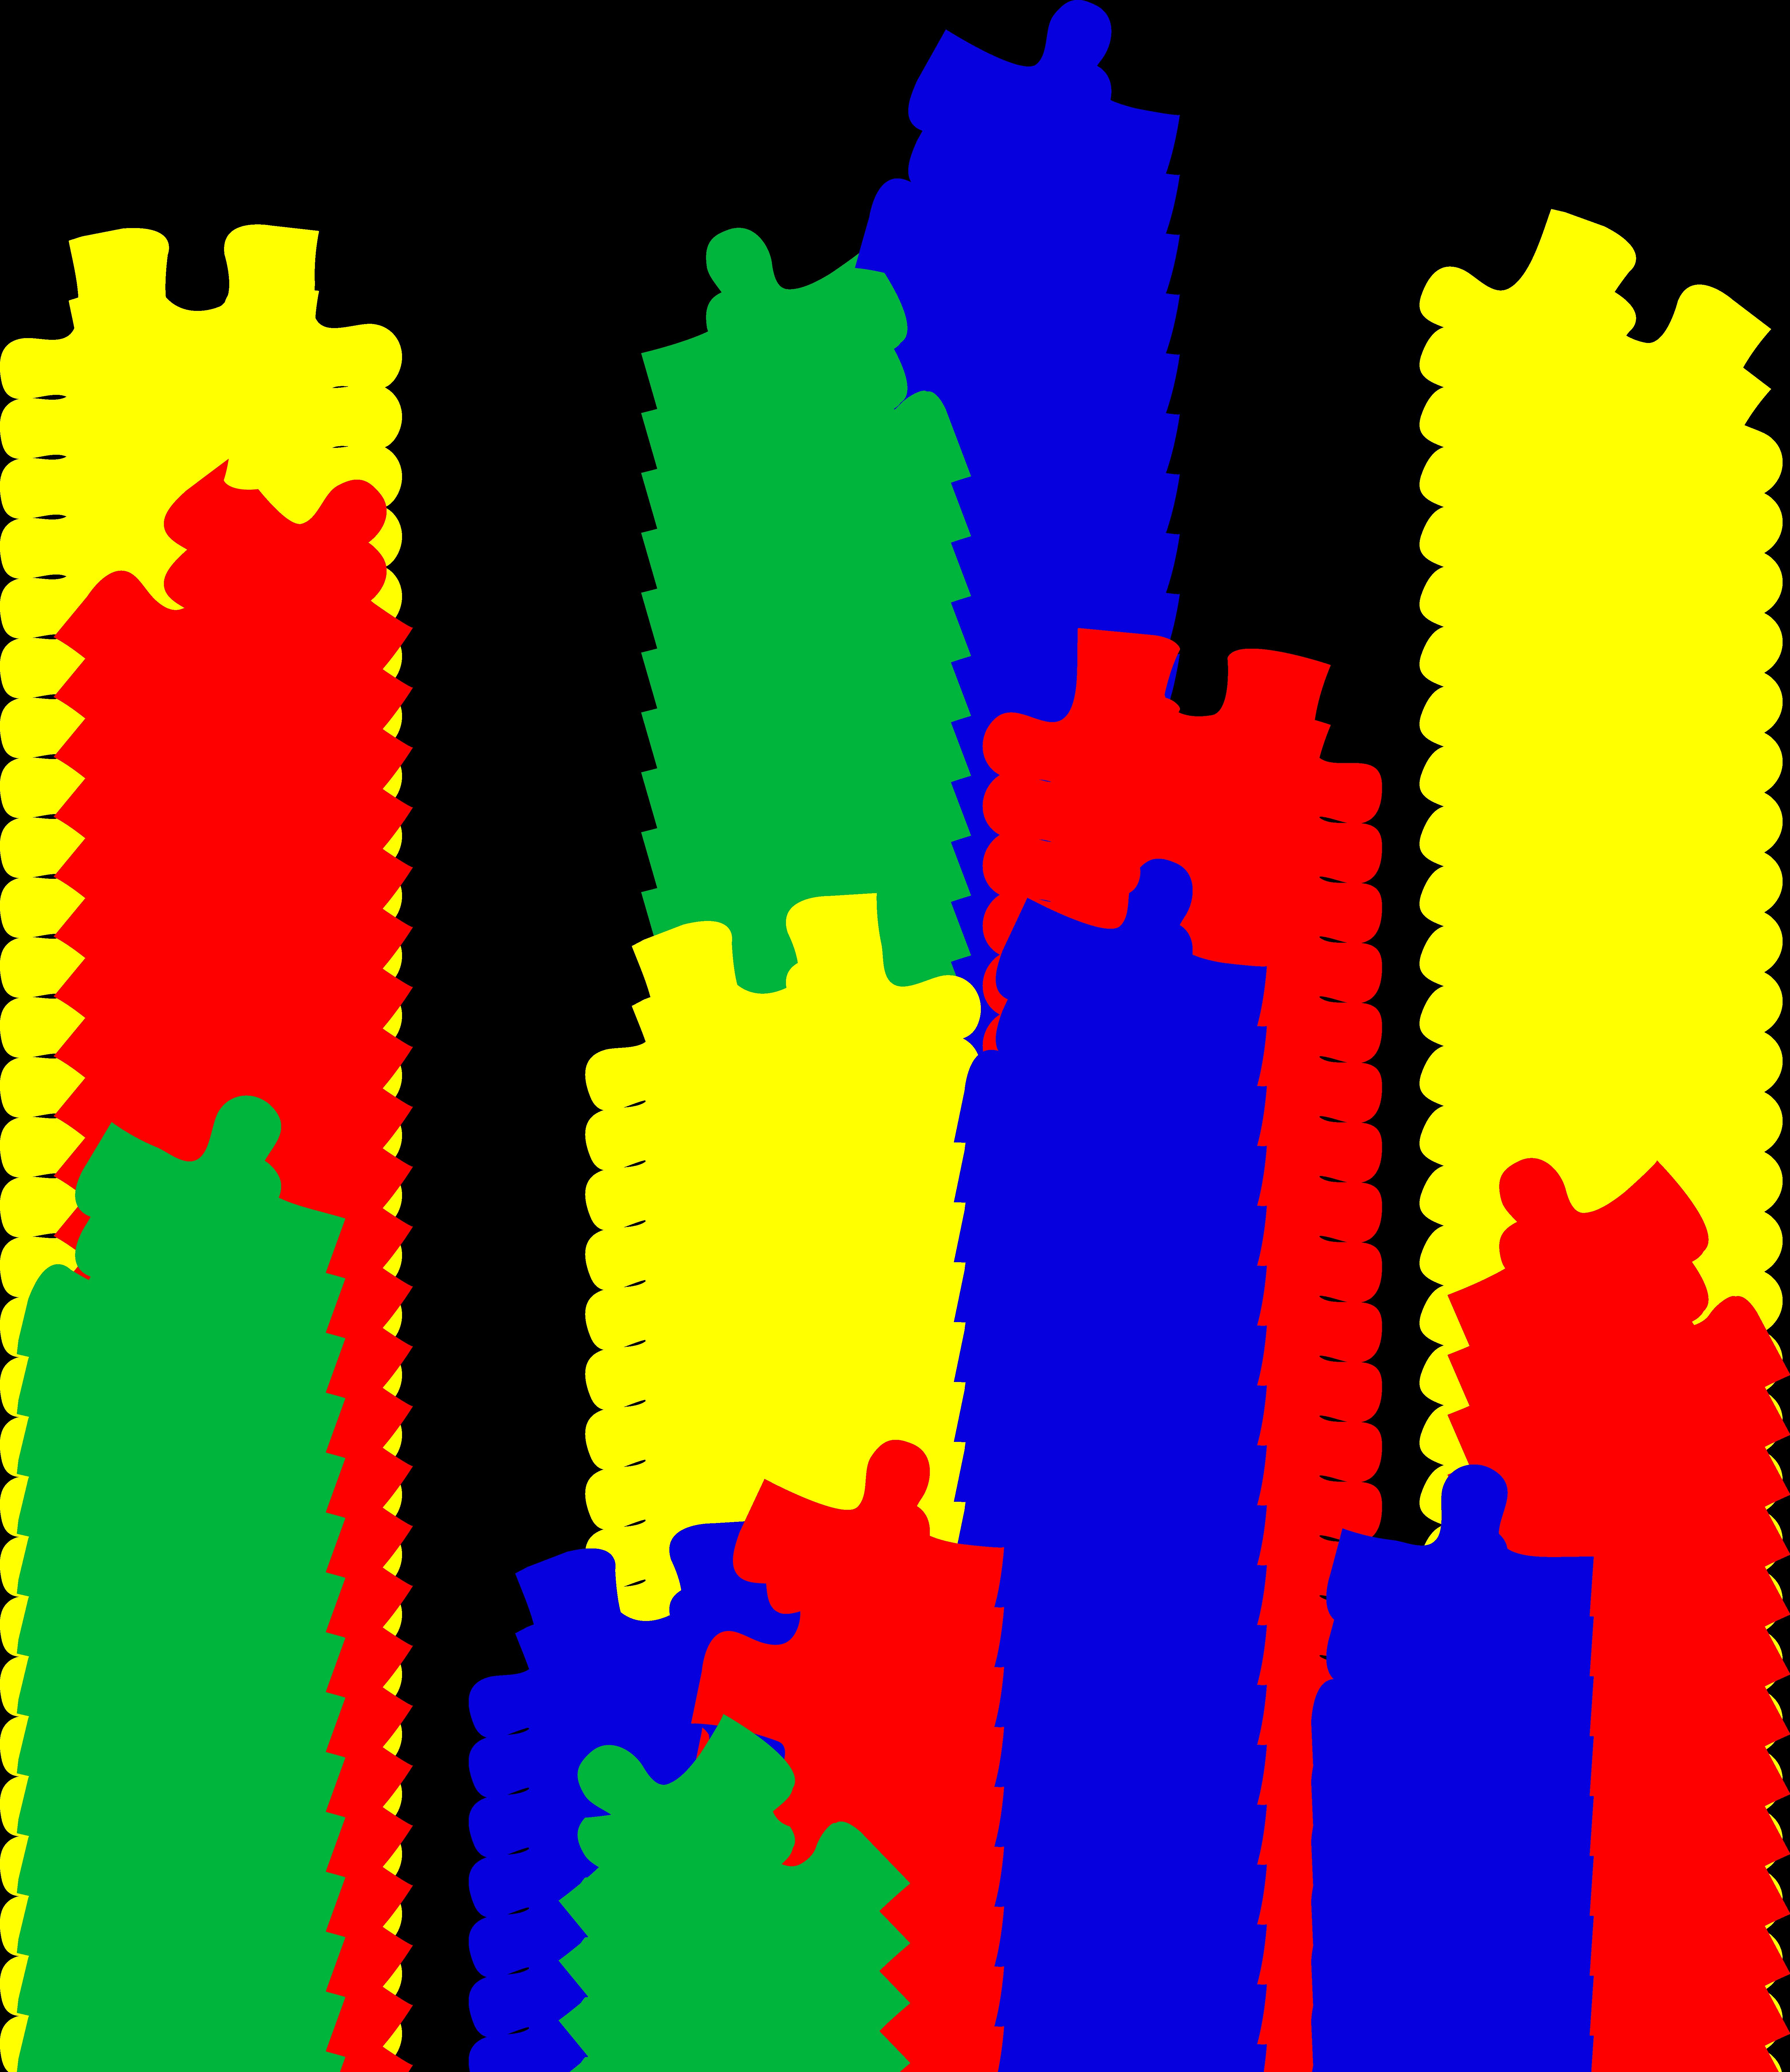 Piece clip art n. Puzzle clipart autism